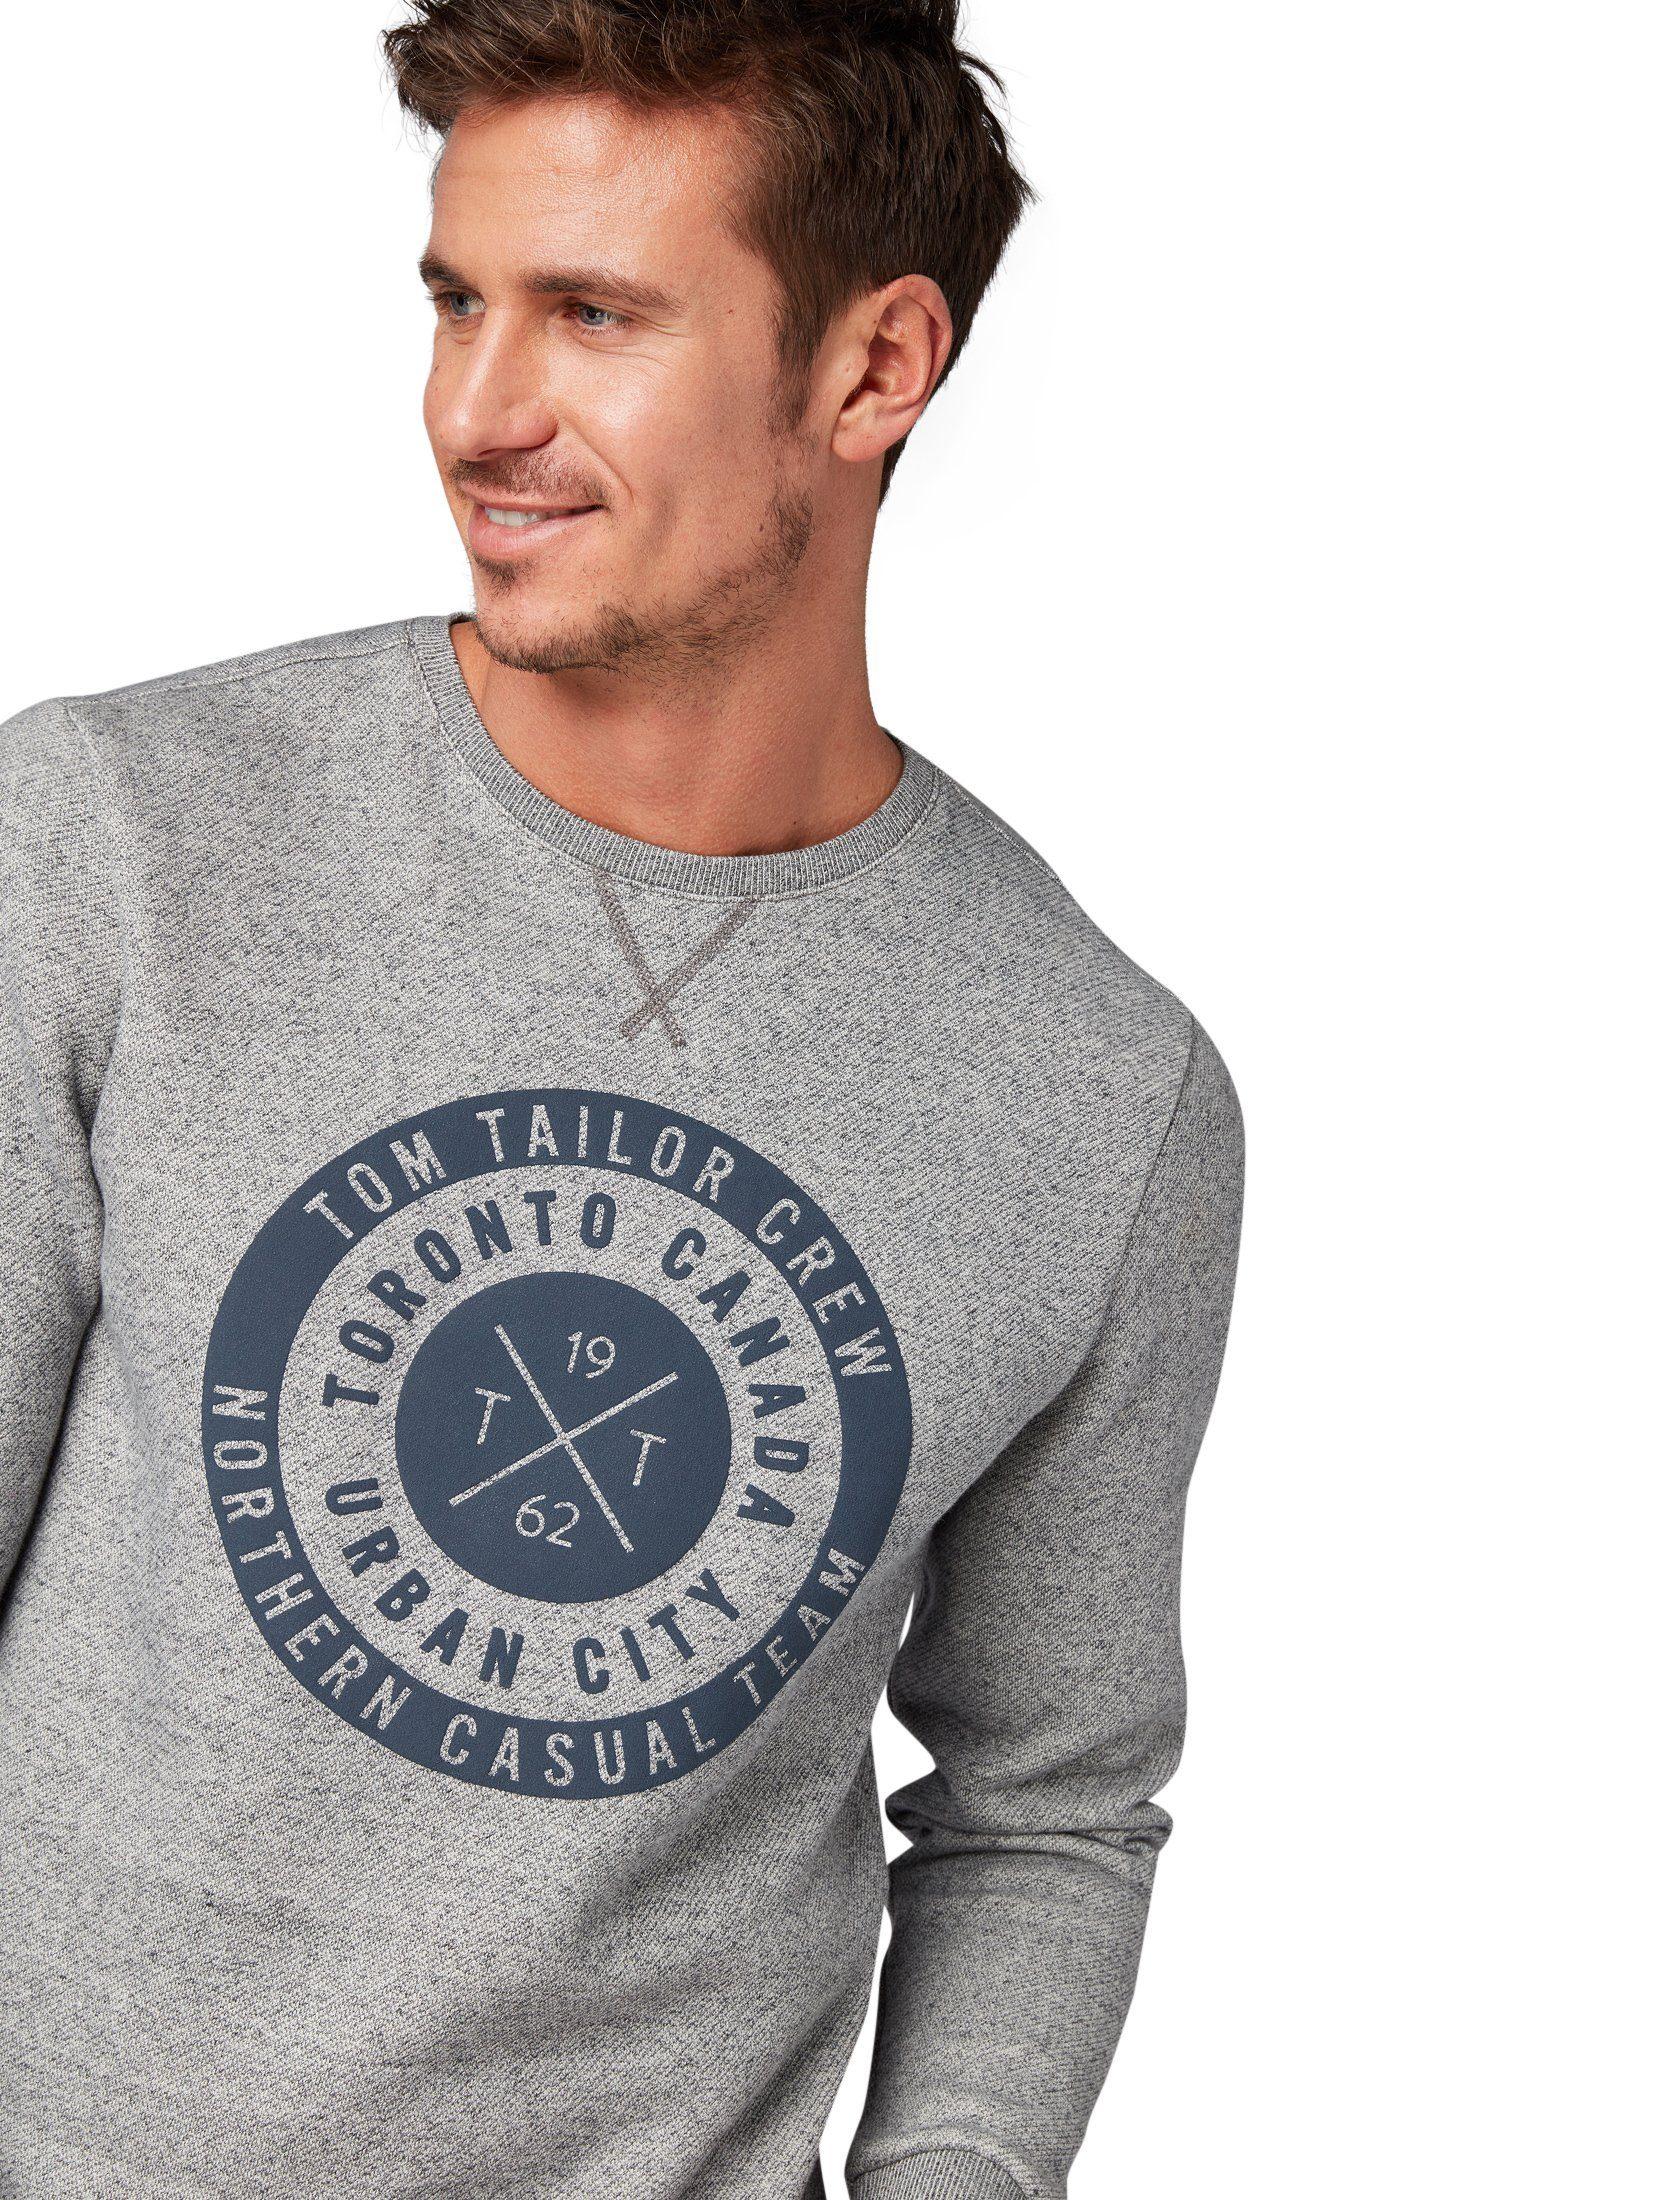 Tom Pullover Sweatshirt Online Tailor Mit Kaufen Brust print« »strukturierter lJ3K1uTFc